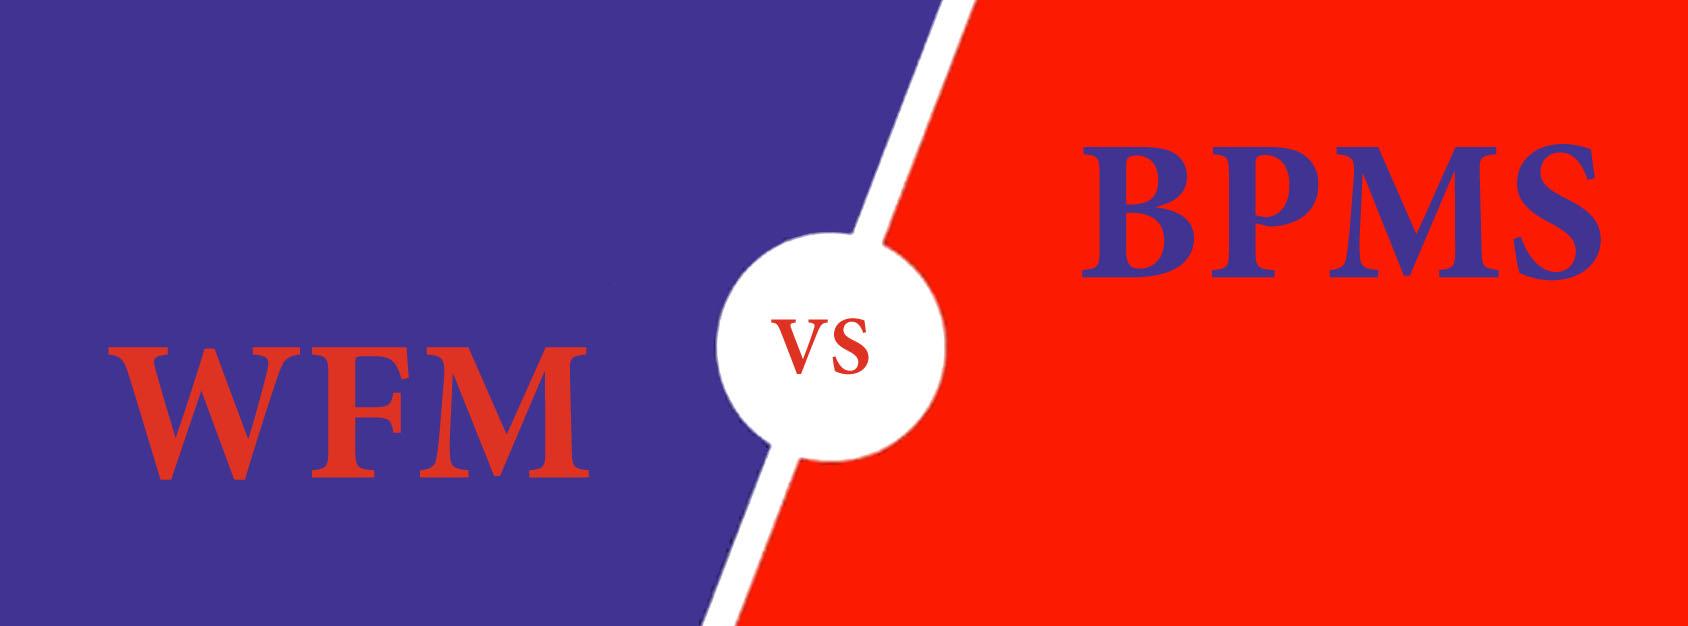 تفاوت نرم افزار BPMS و نرم افزار WFM